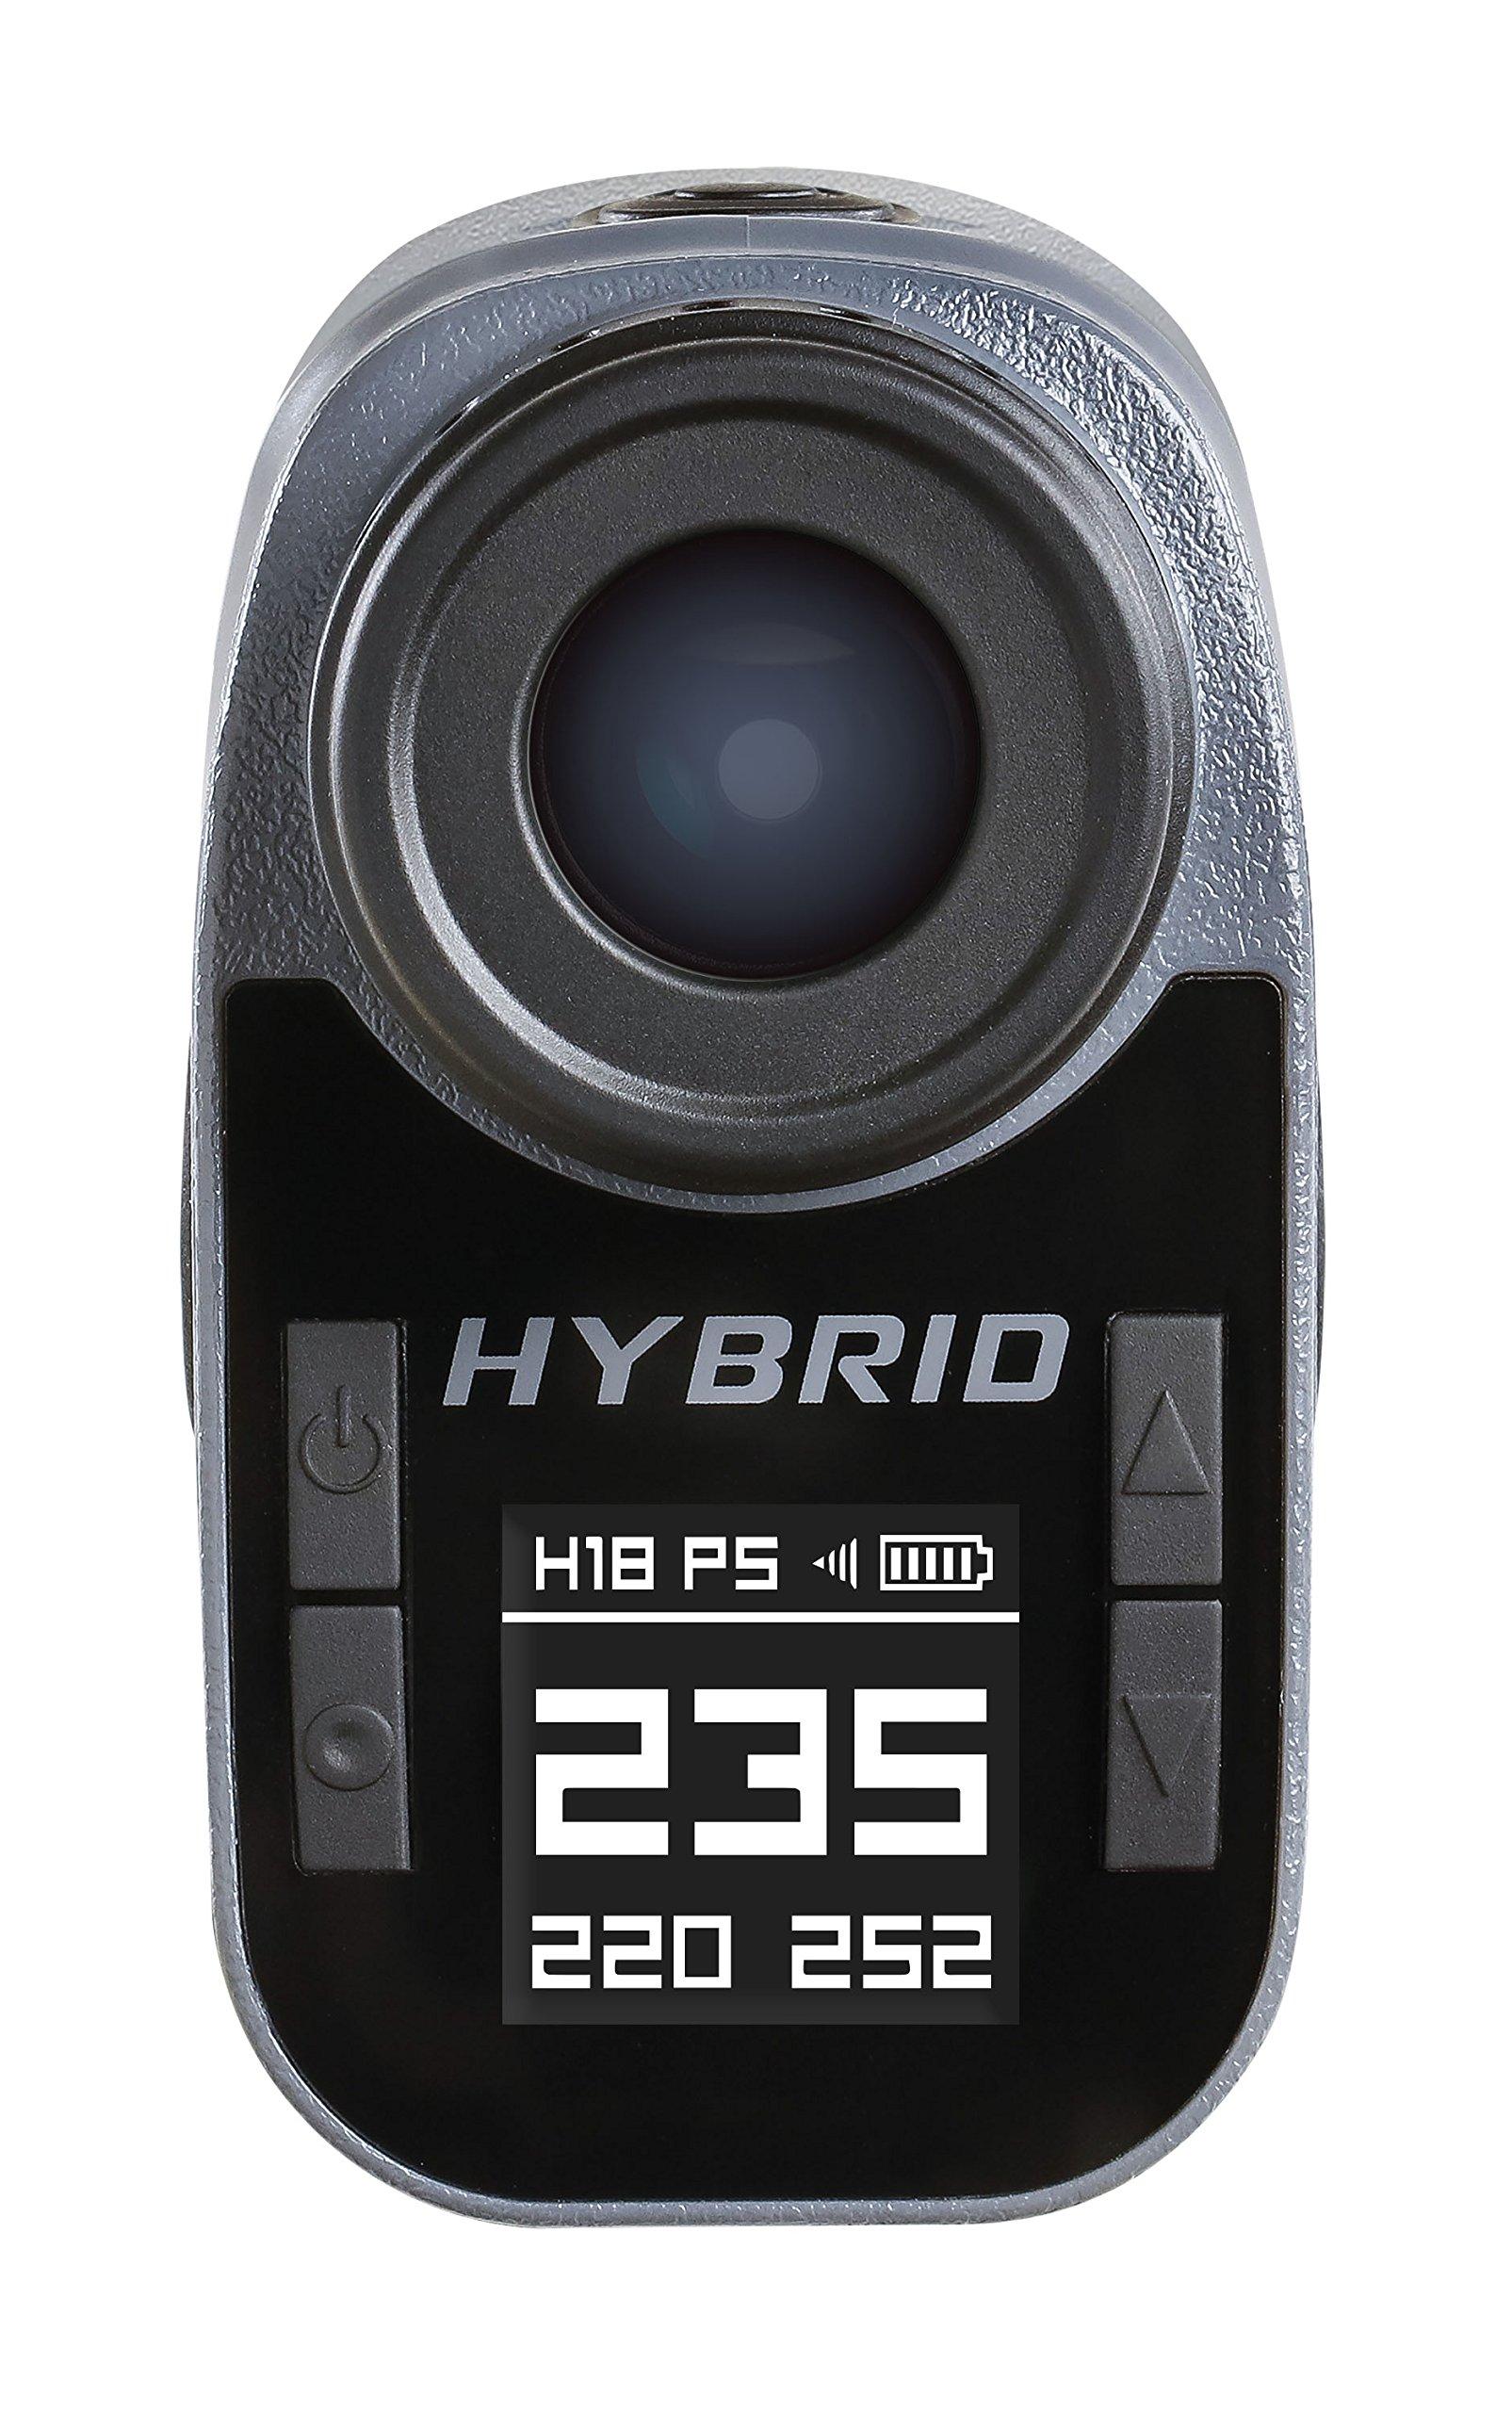 Callaway Hybrid Laser-GPS Rangefinder by Callaway (Image #2)